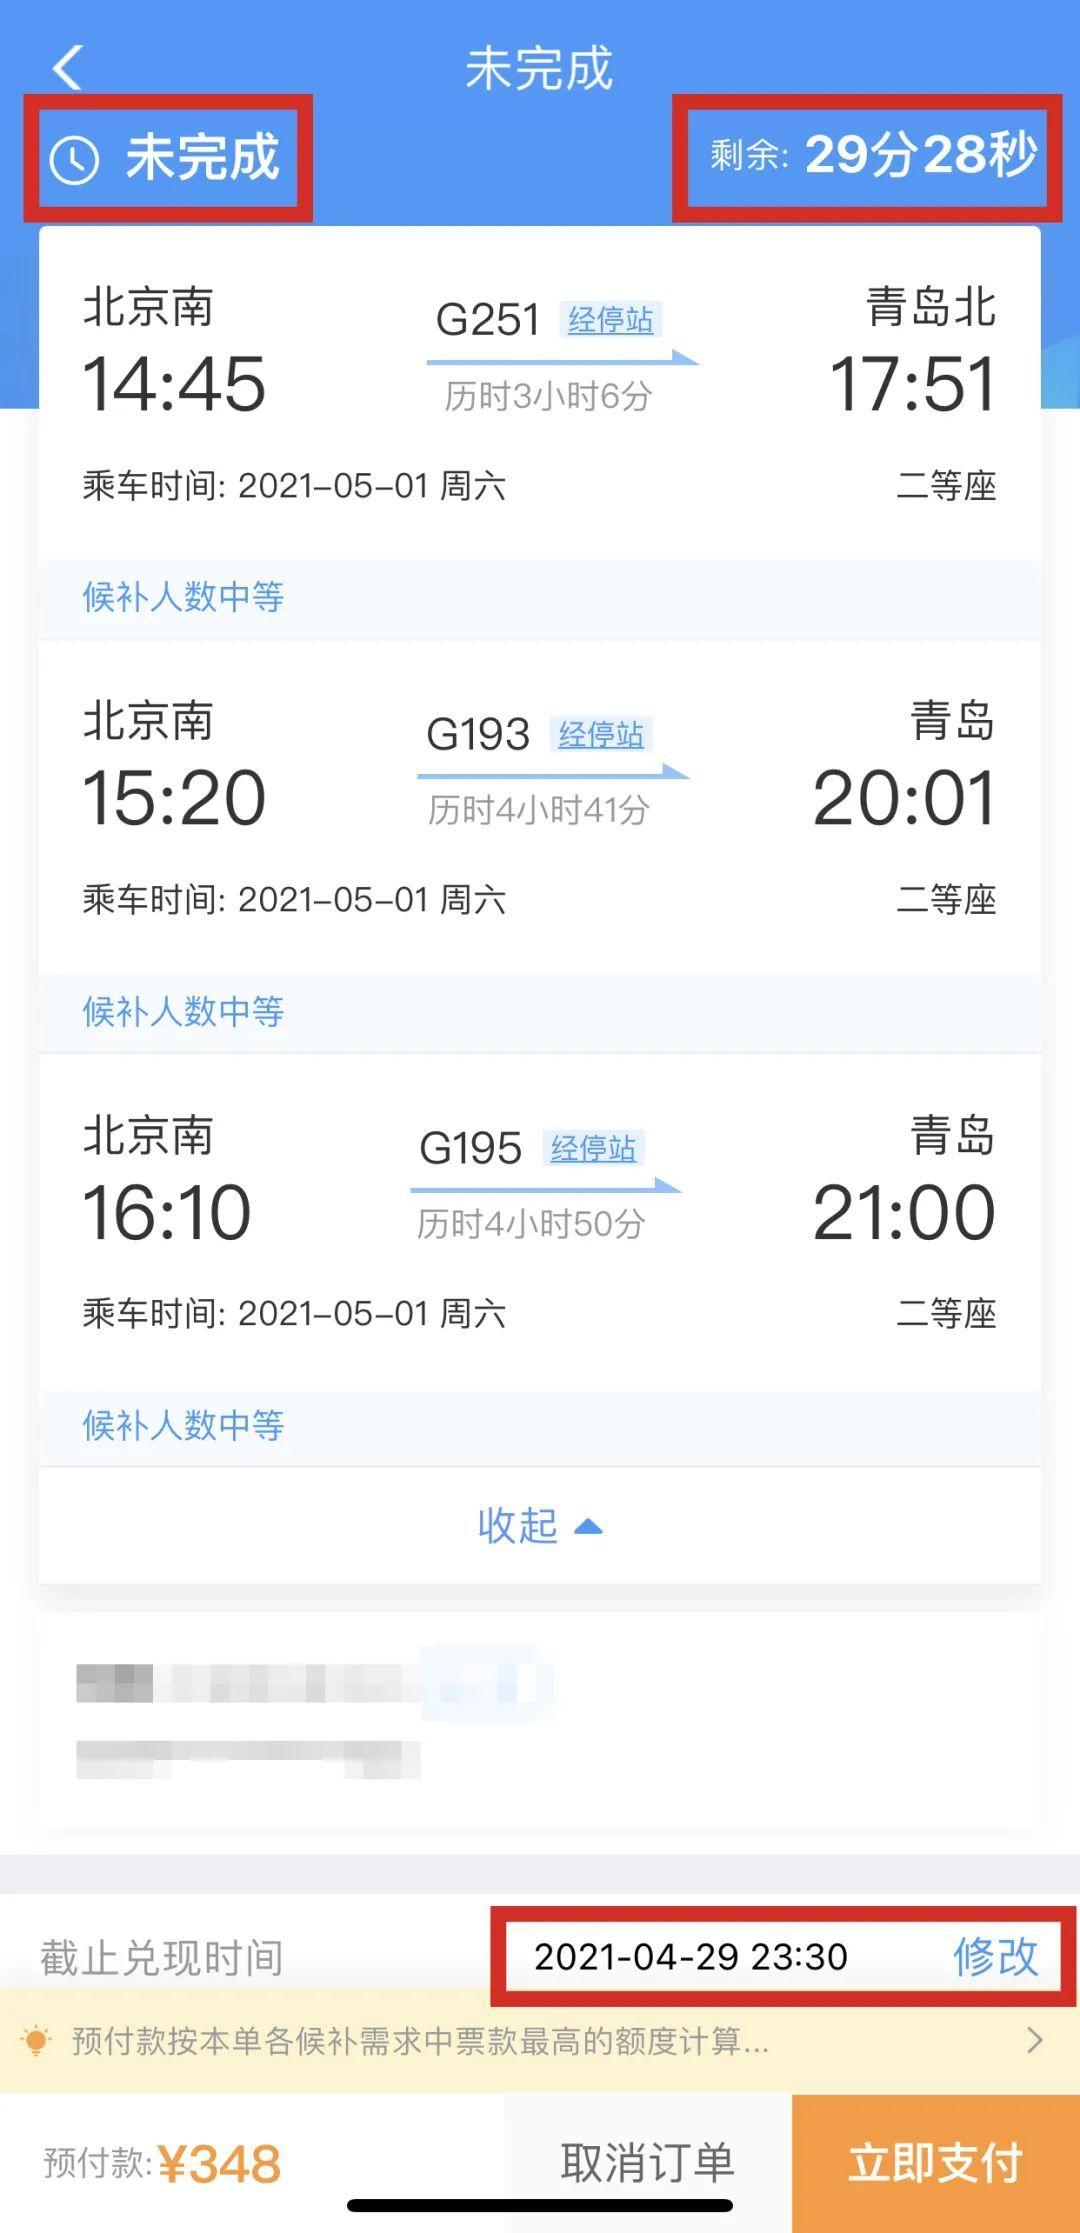 ▲旅客需要在30分钟内完成候补订单的支付。预付款按本单各候补需求中票款最高的额度计算。